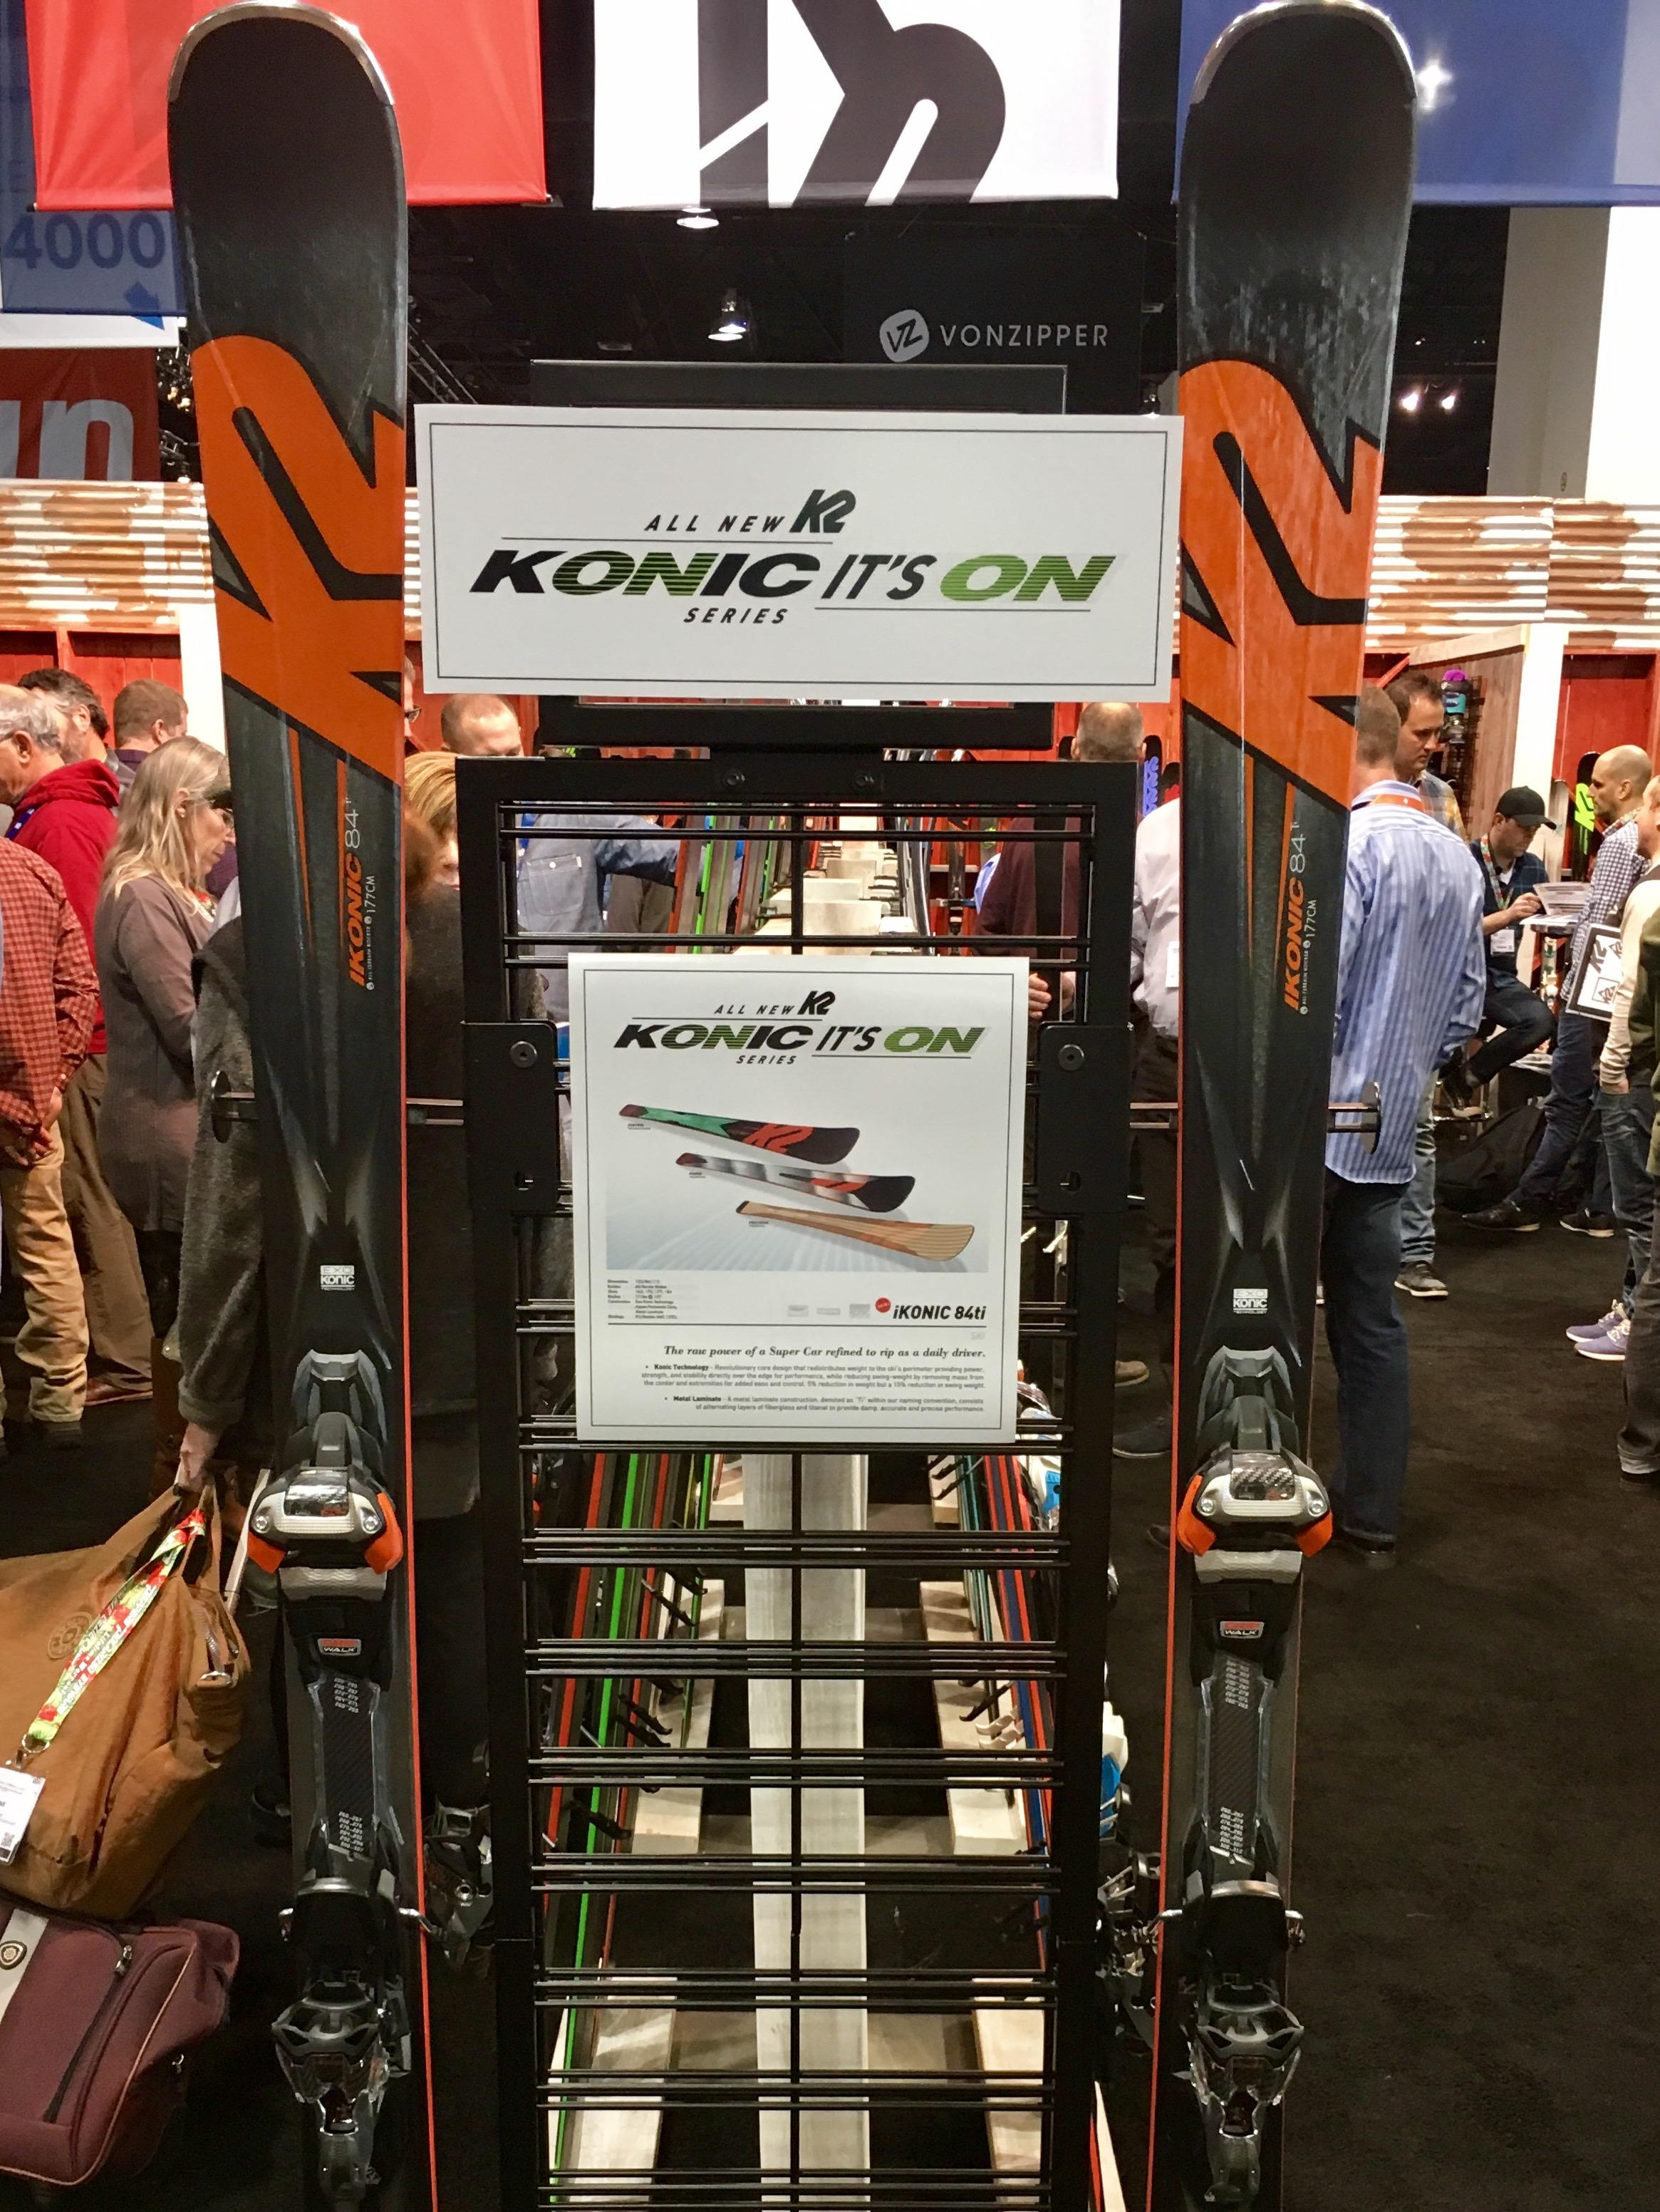 K2 iKonic 84ti.